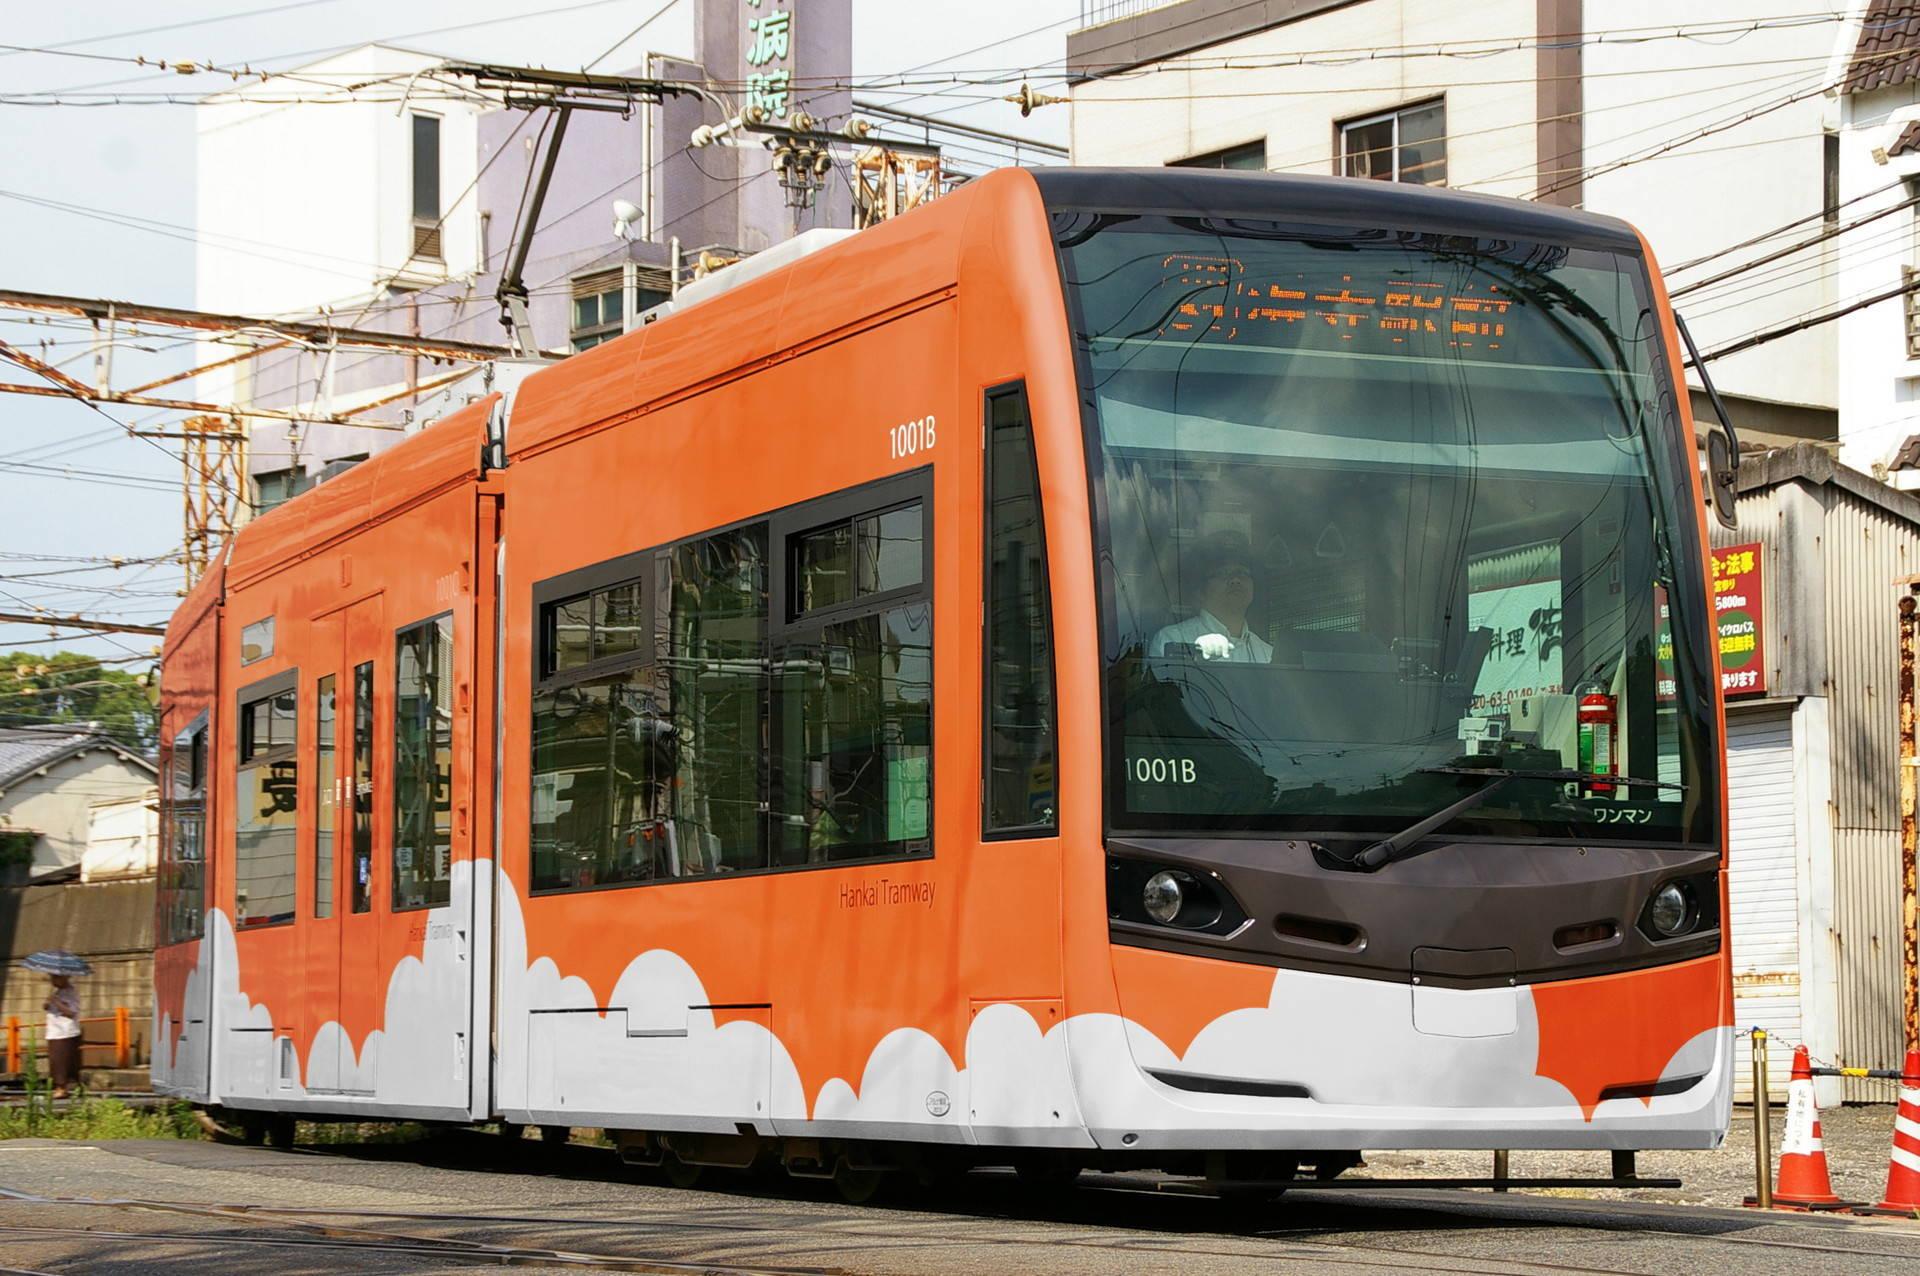 オレンジ色の雲塗装の堺トラム(ウソ電)